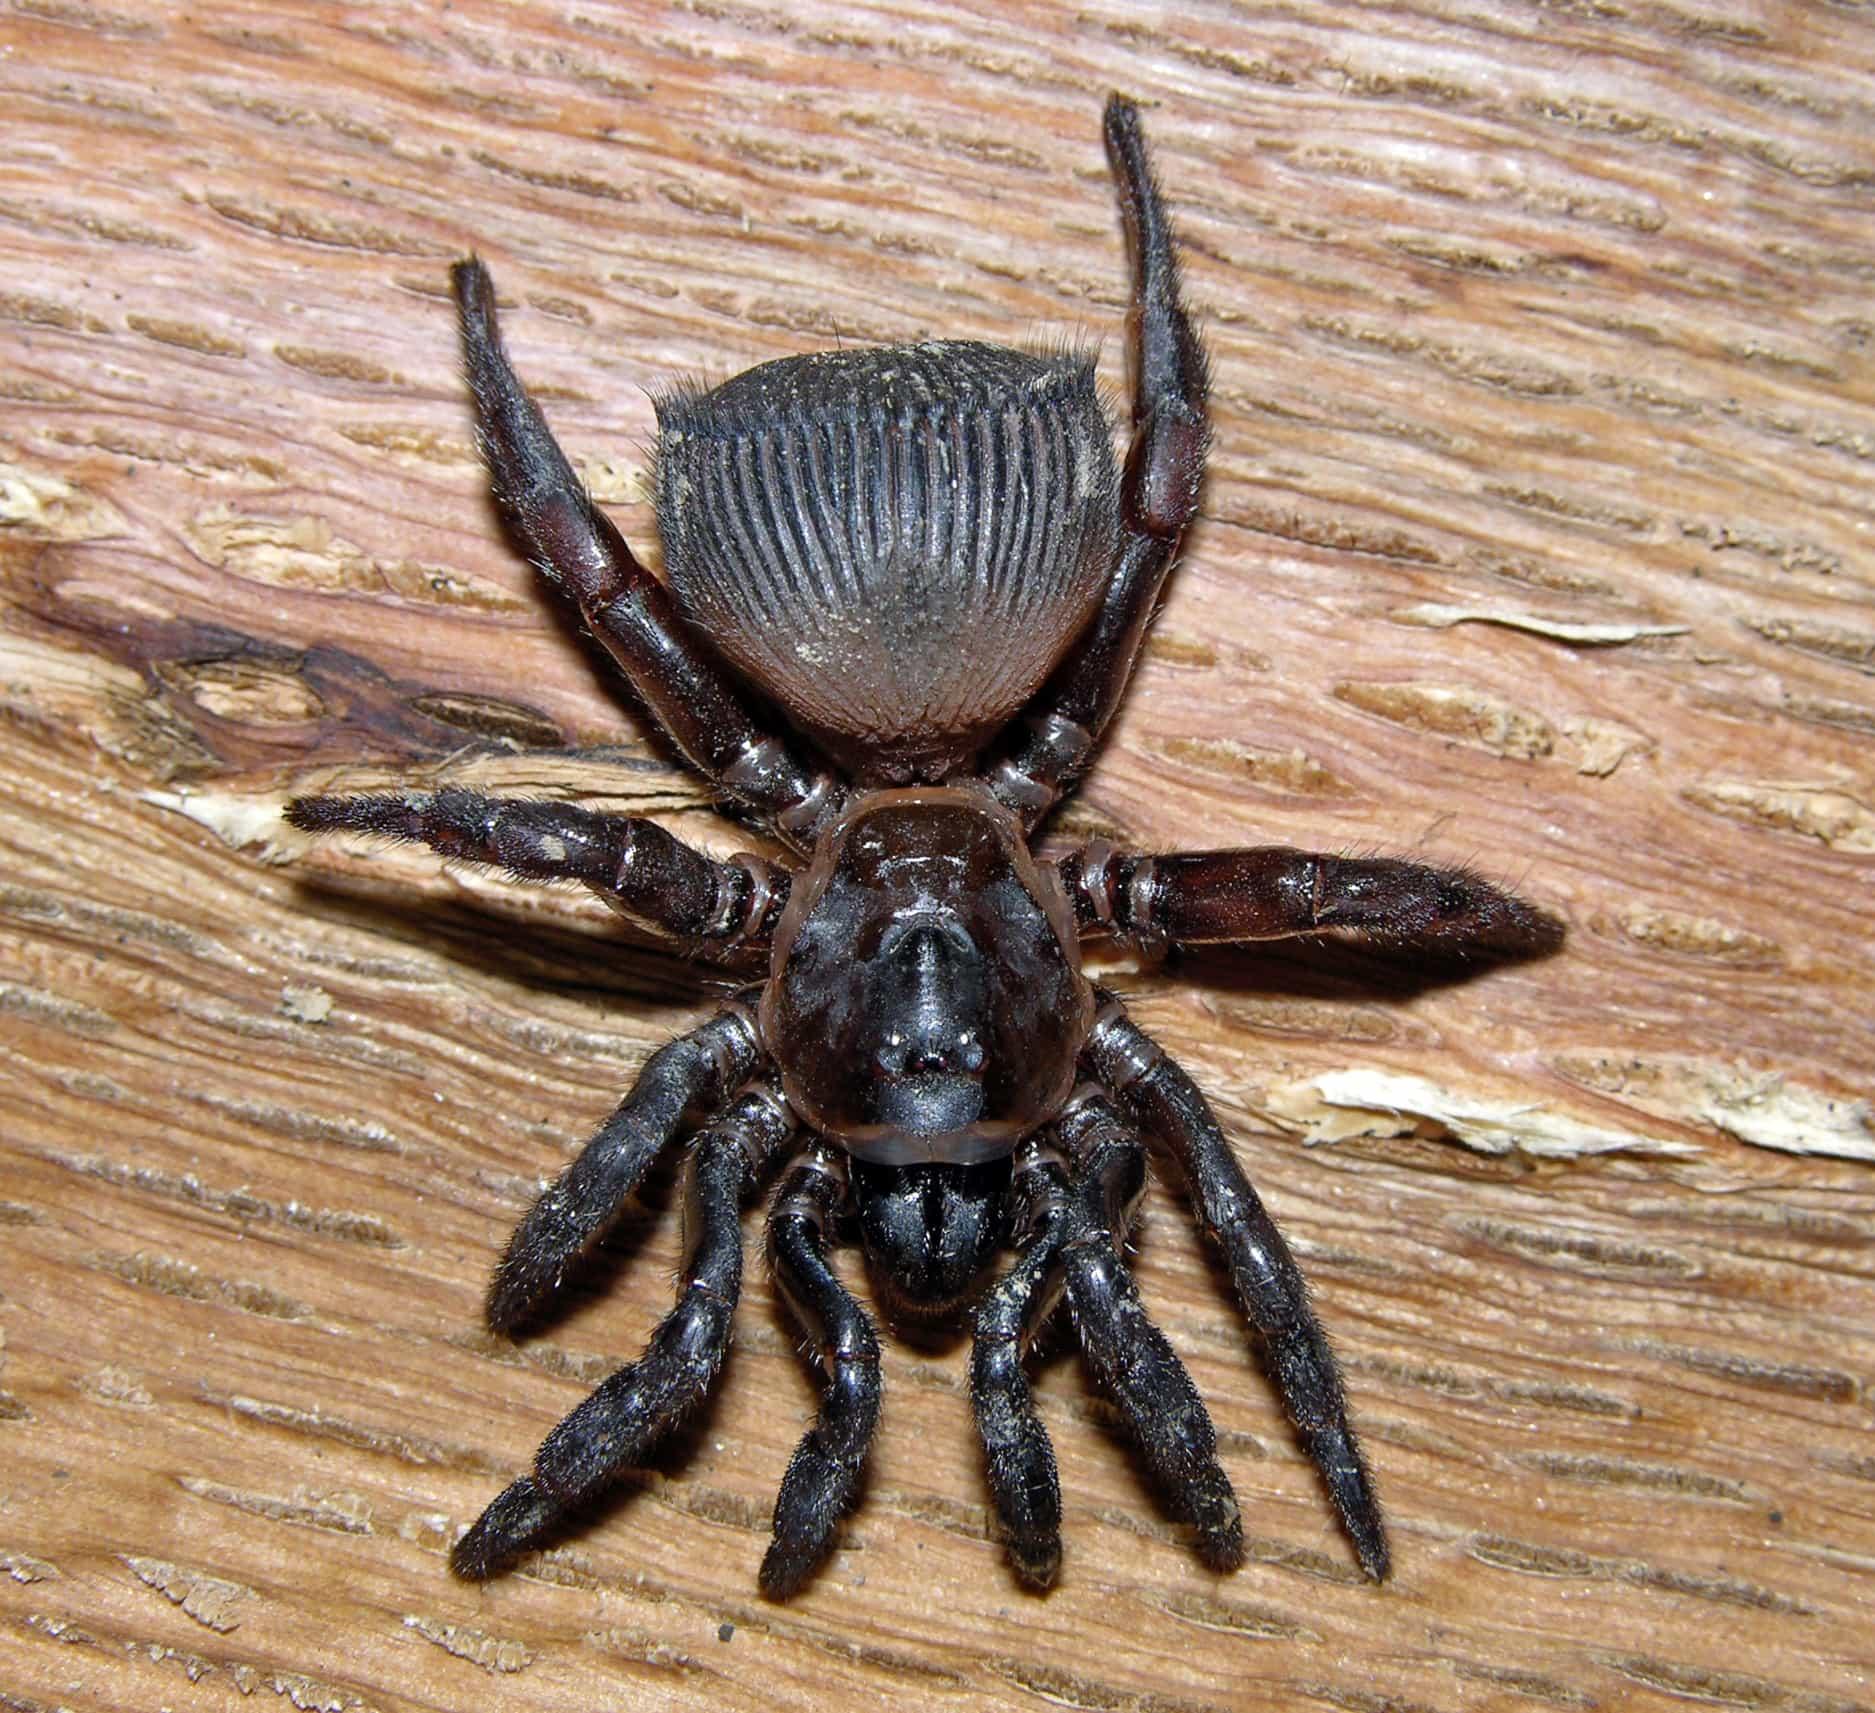 Picture of Cyclocosmia truncata (Ravine Trapdoor Spider) - Female - Dorsal